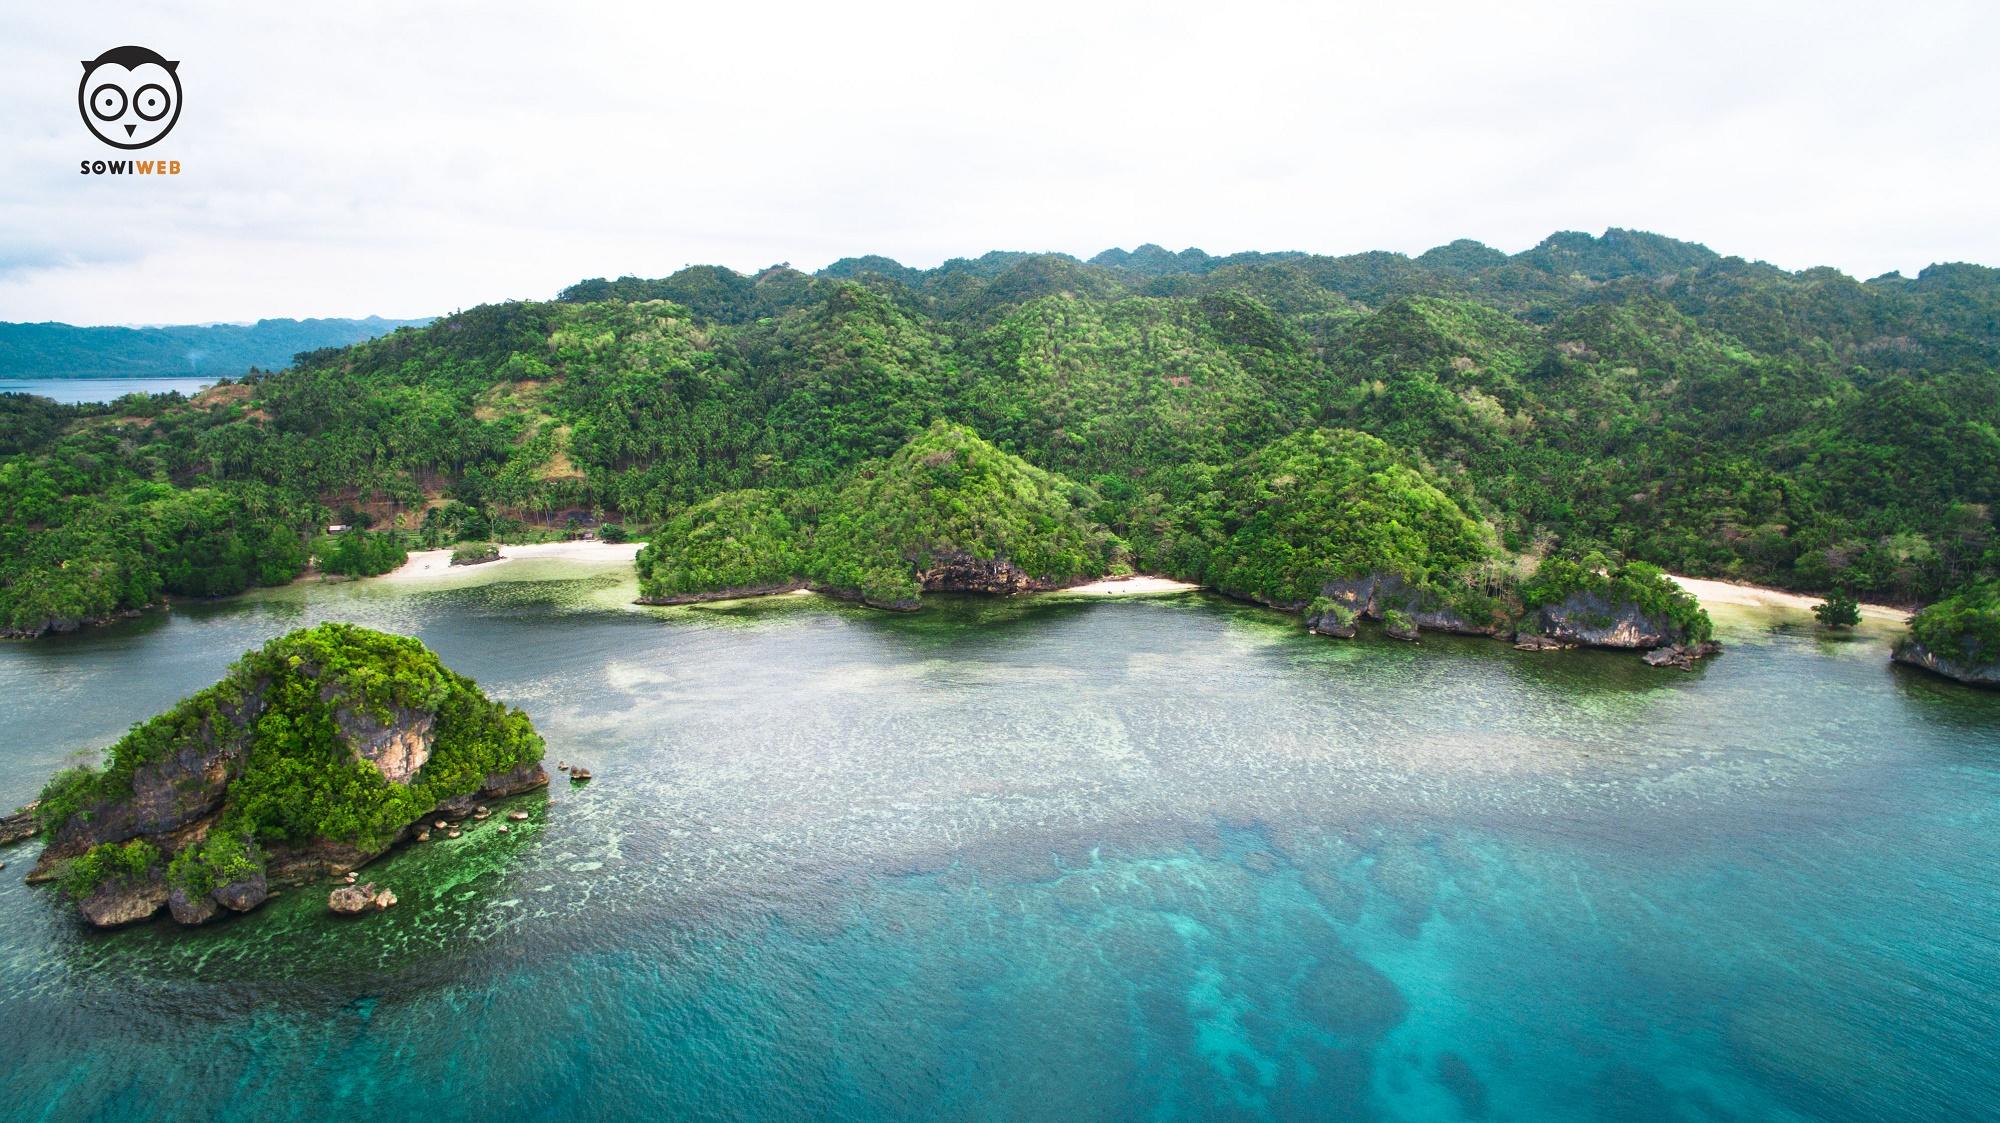 Filmowanie dronem Filipiny. Wakacje marzeń. Część II.